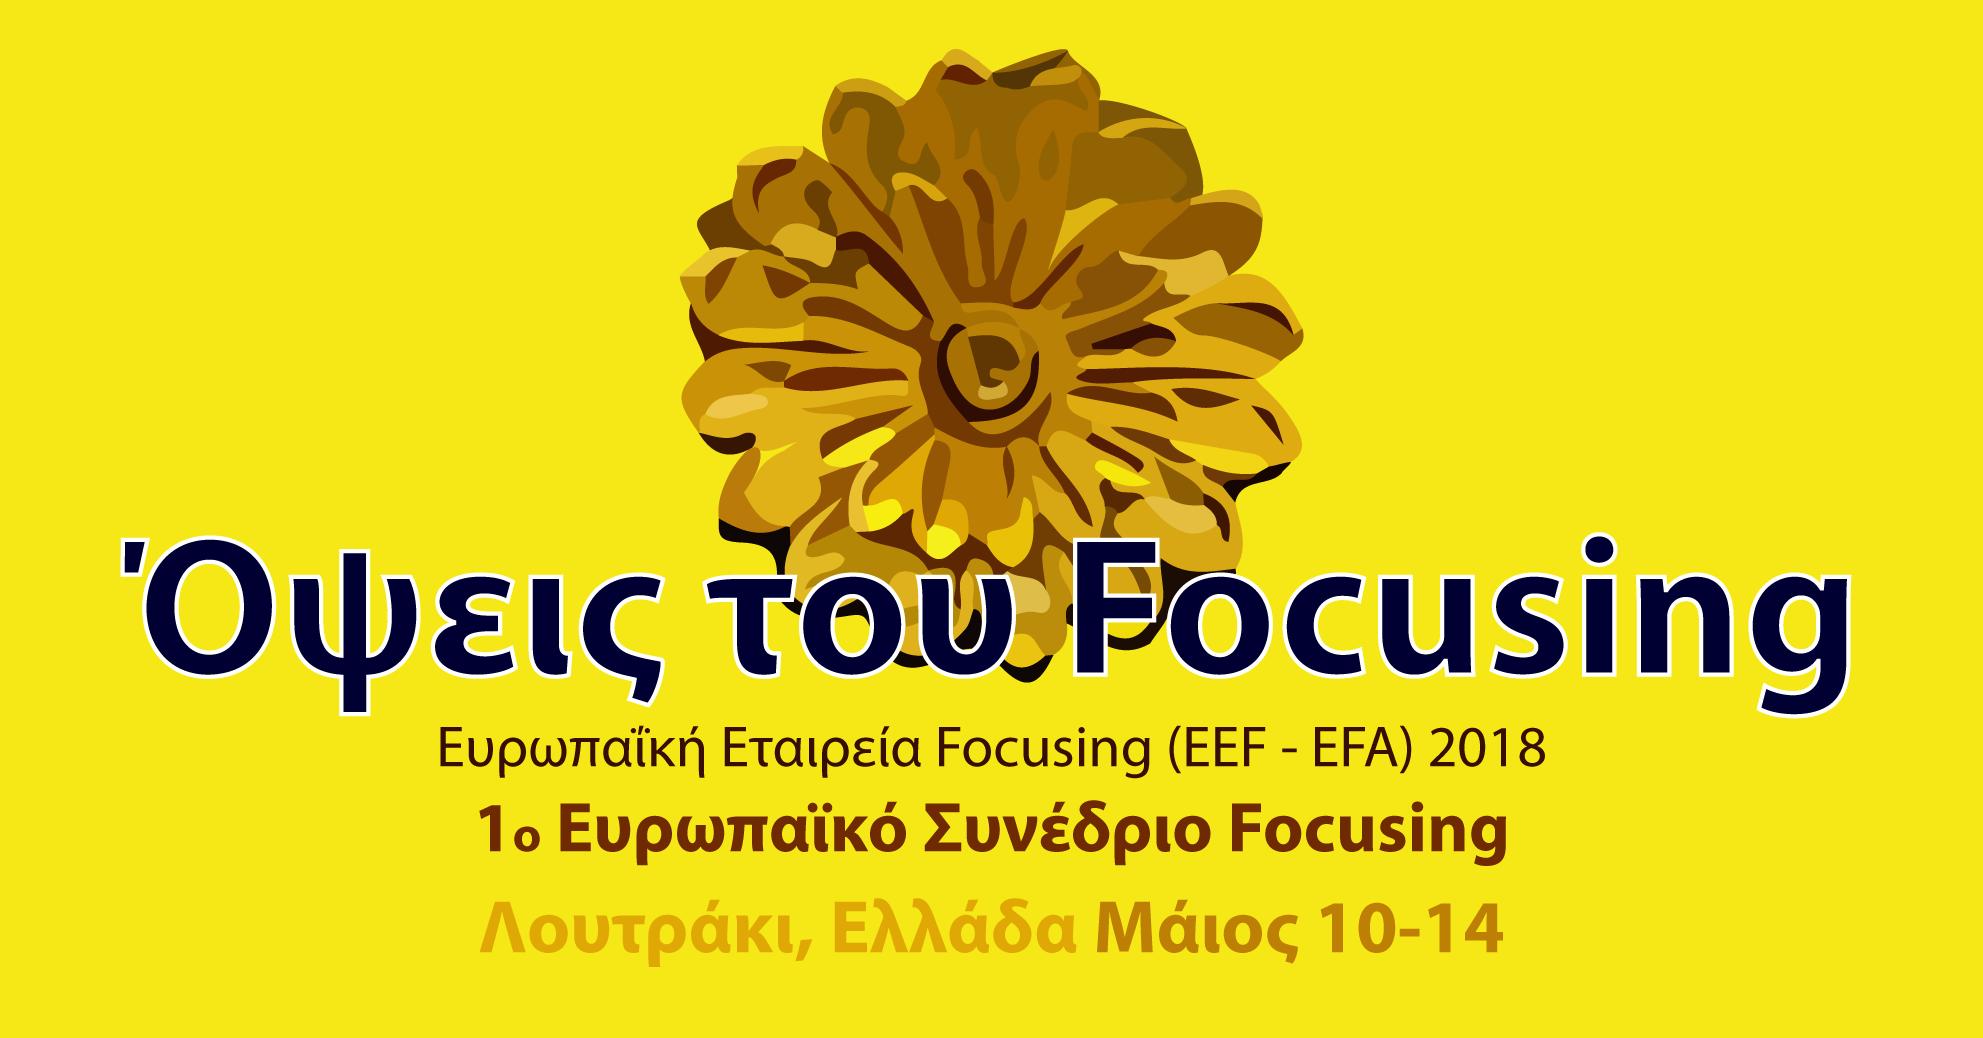 Οδηγίες Εγγραφής – 1ο Ευρωπαϊκό Συνέδριο Focusing – Λουτράκι, Ελλάδα